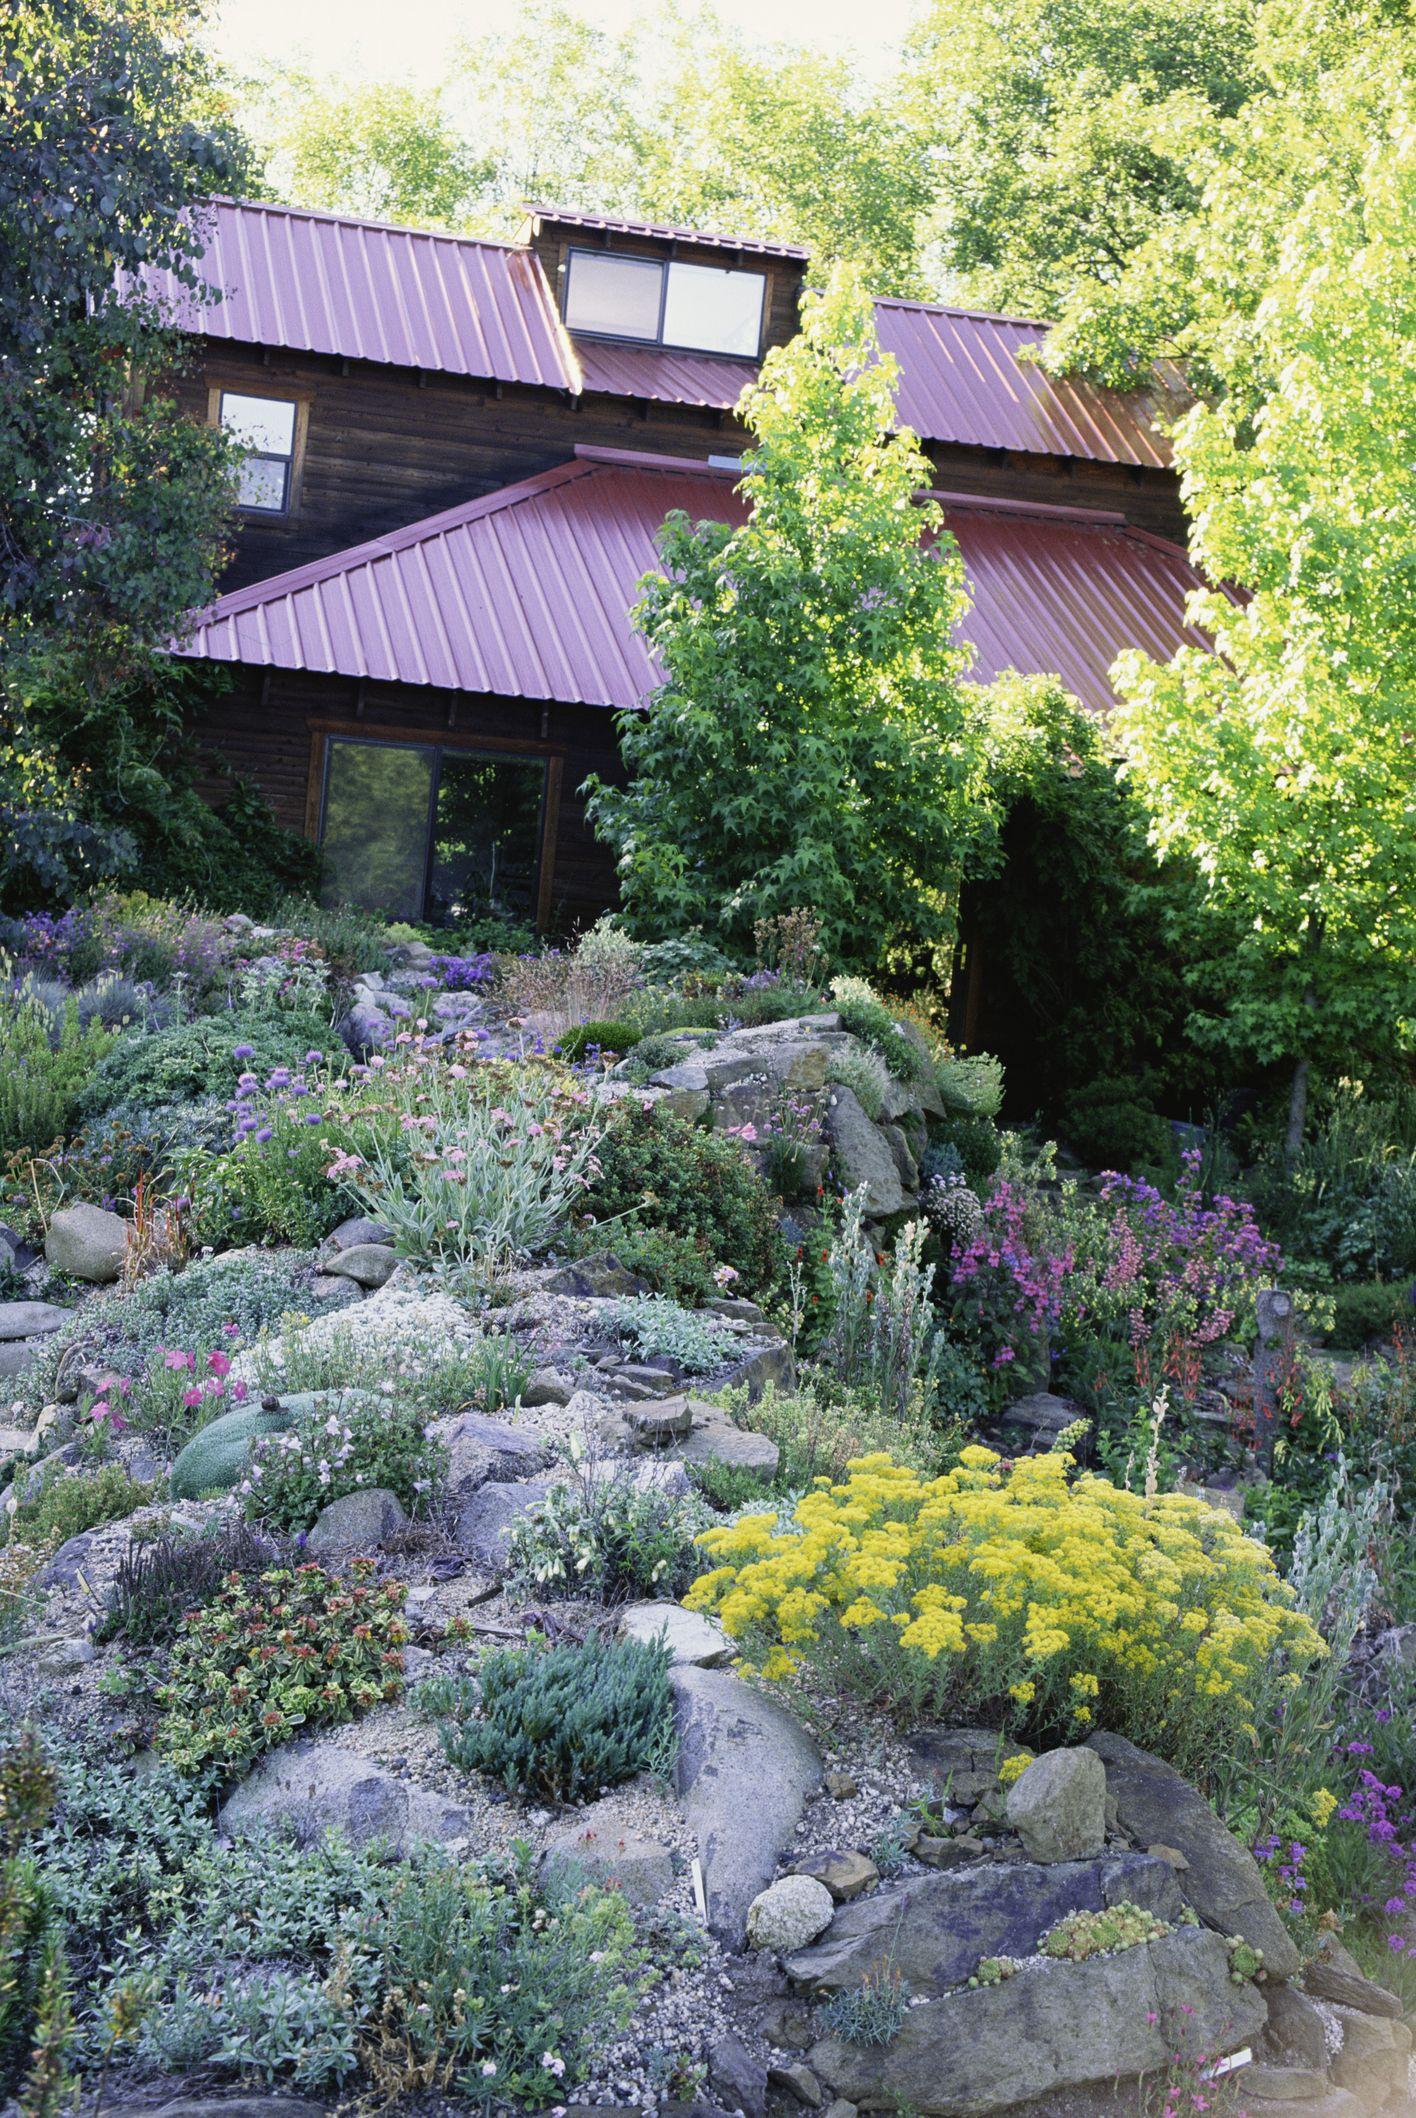 6 Best Rock Garden Ideas - Yard Landscaping with Rocks on Backyard Rock Designs id=39950